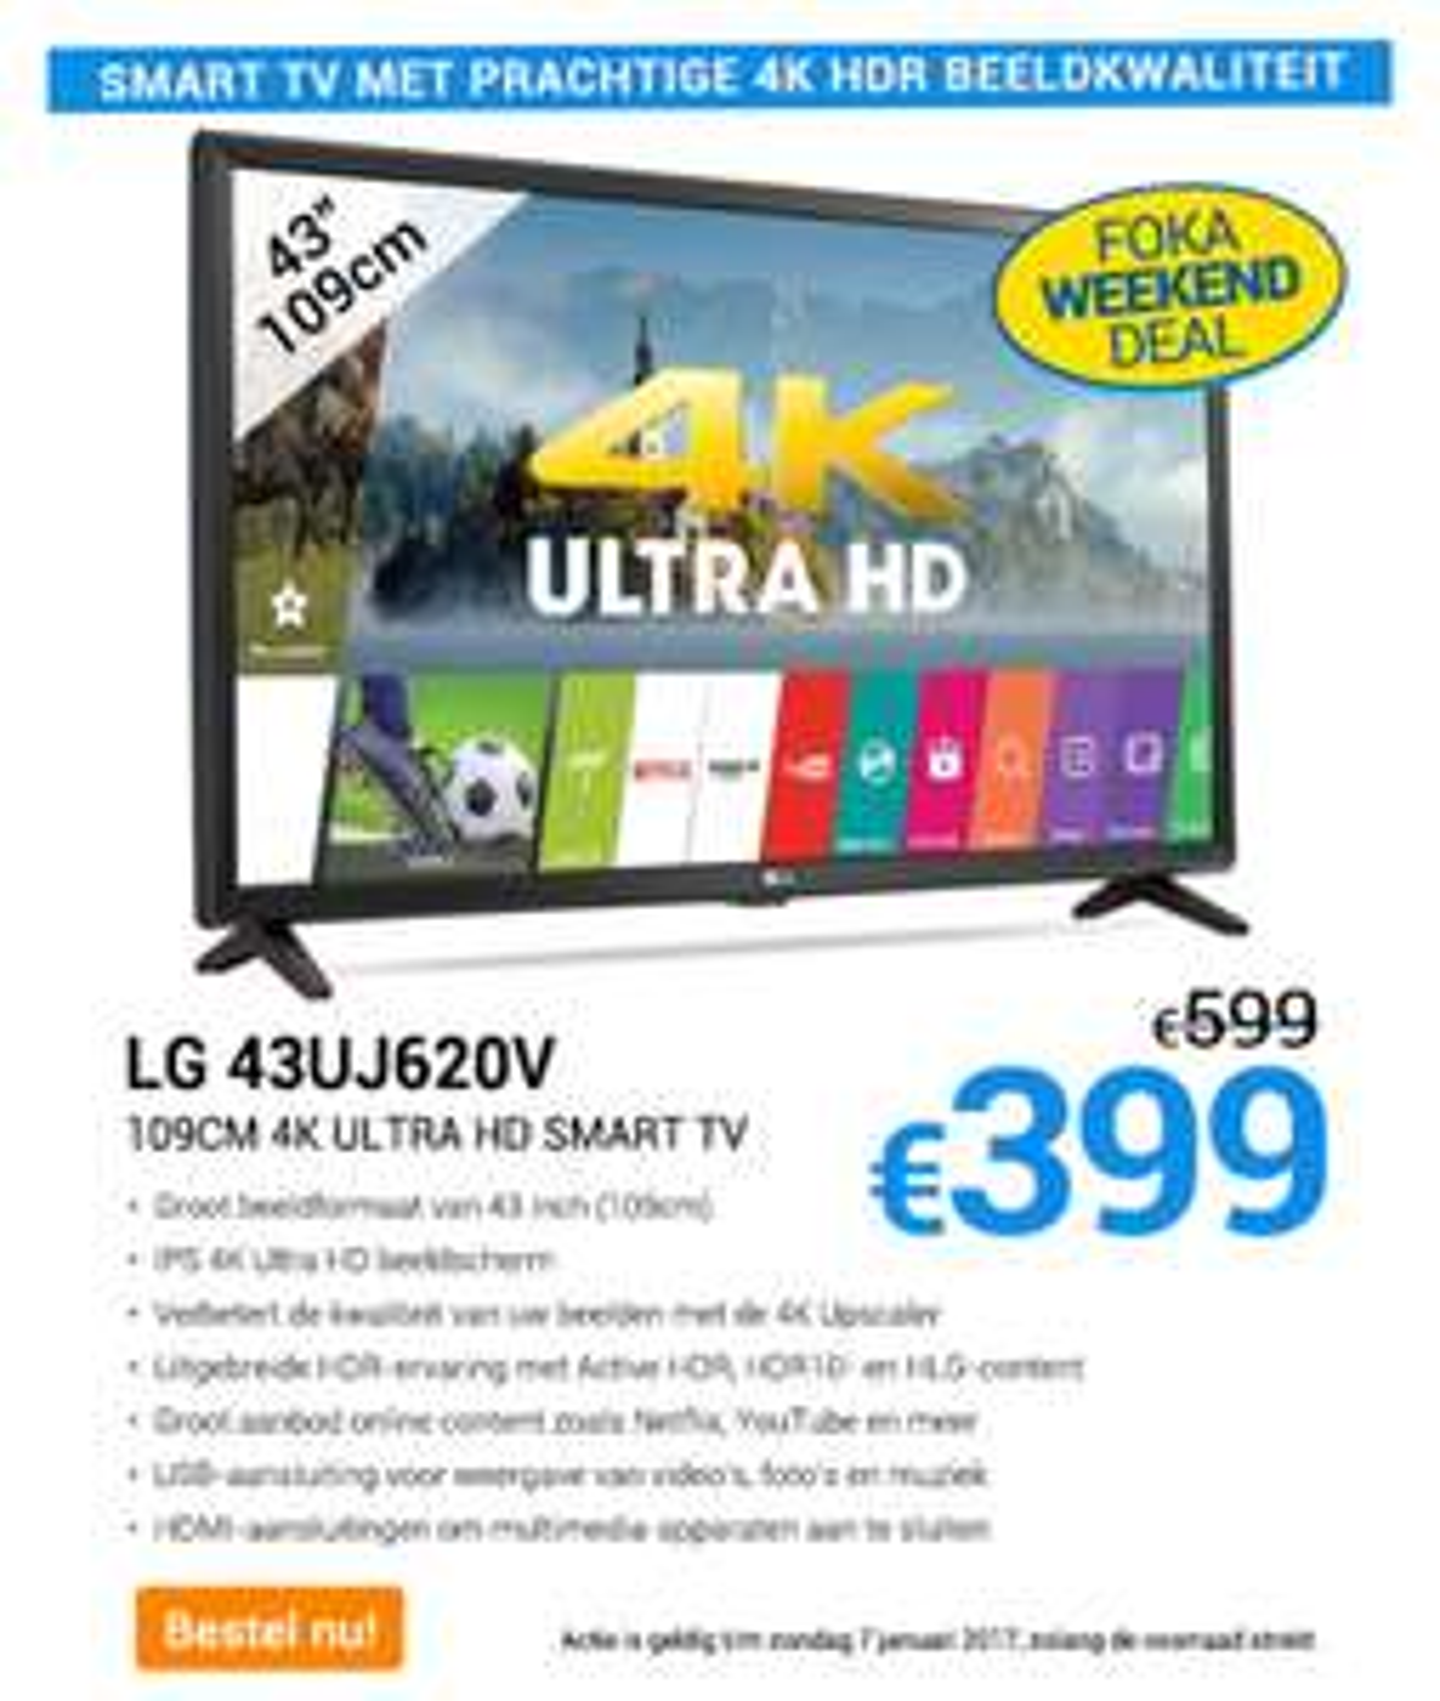 weekend deal lg 4k ultra hd tv 43uj620v 399 foka. Black Bedroom Furniture Sets. Home Design Ideas